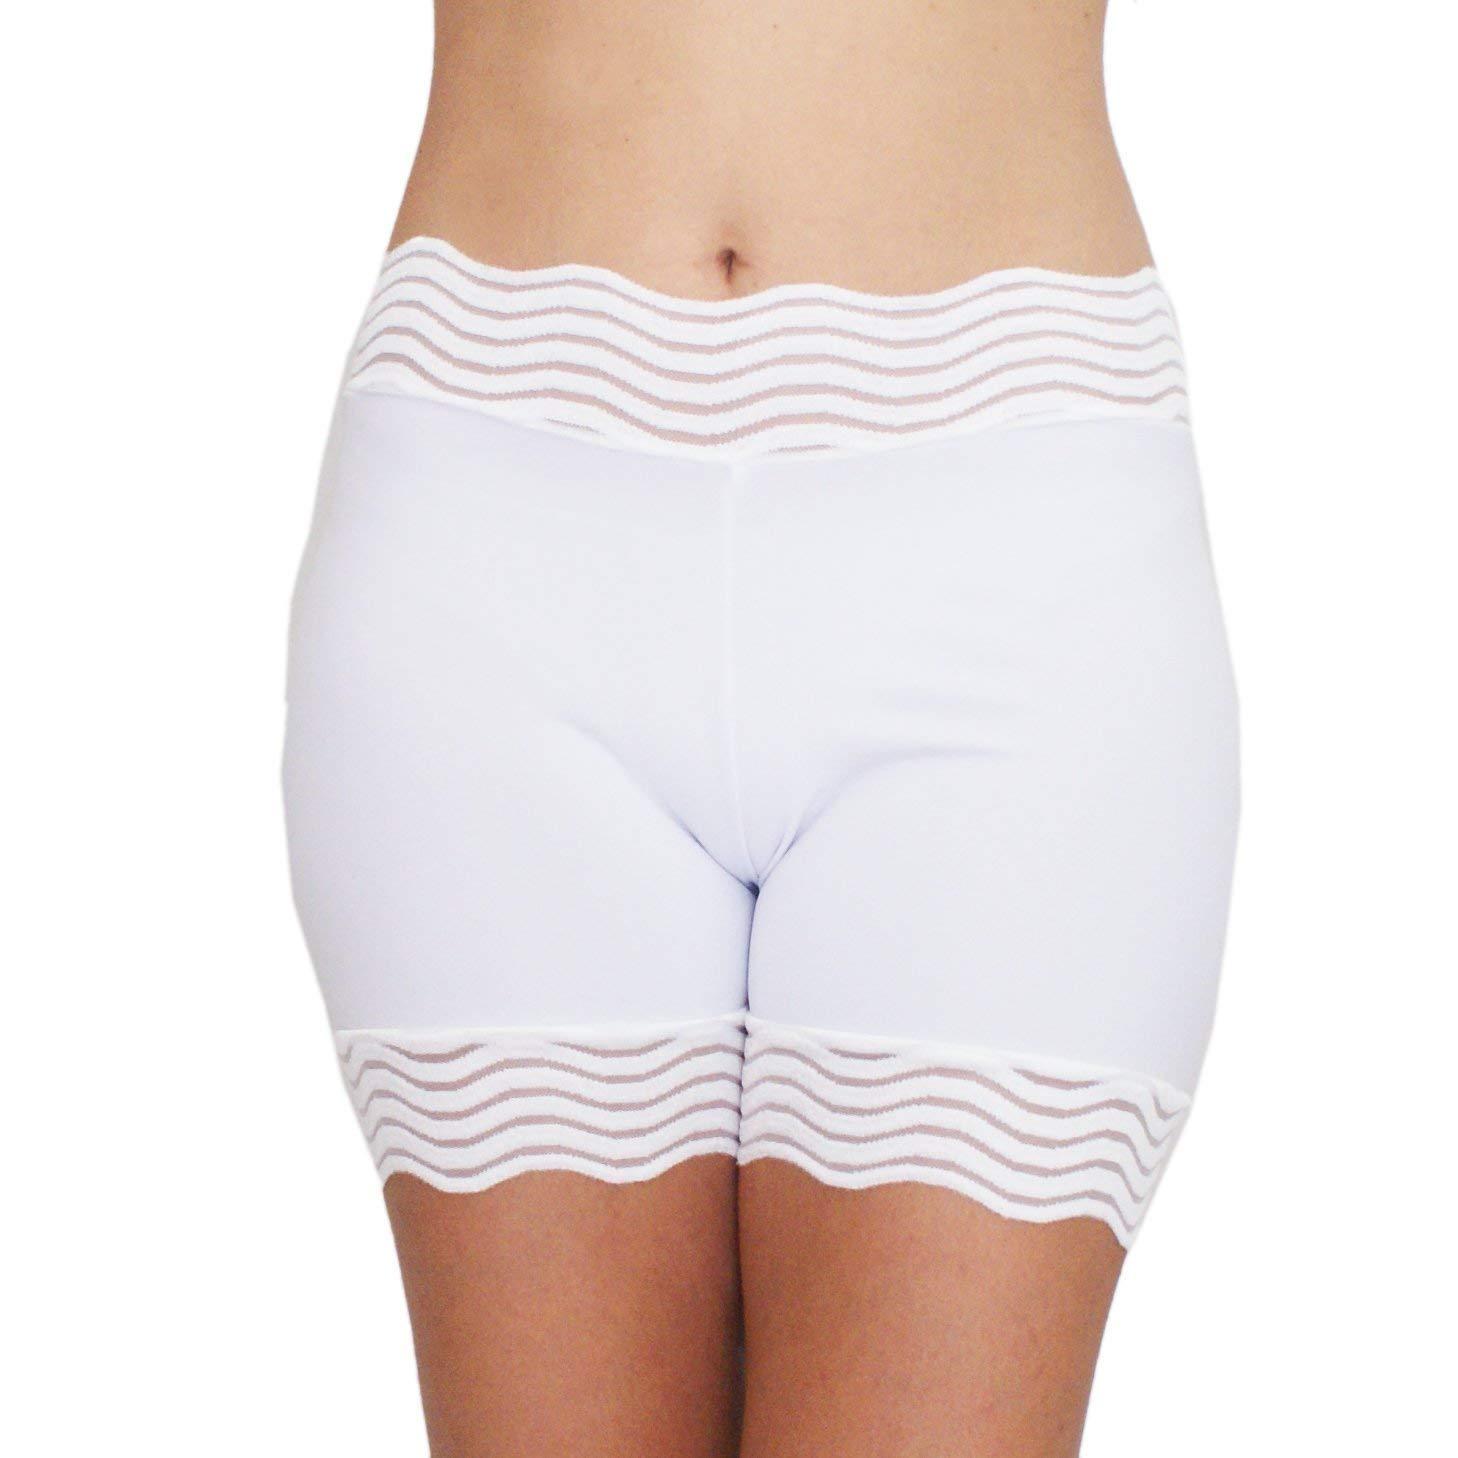 Bridal Underwear White Under Dress Shorts Lace Trim Biker Shorts